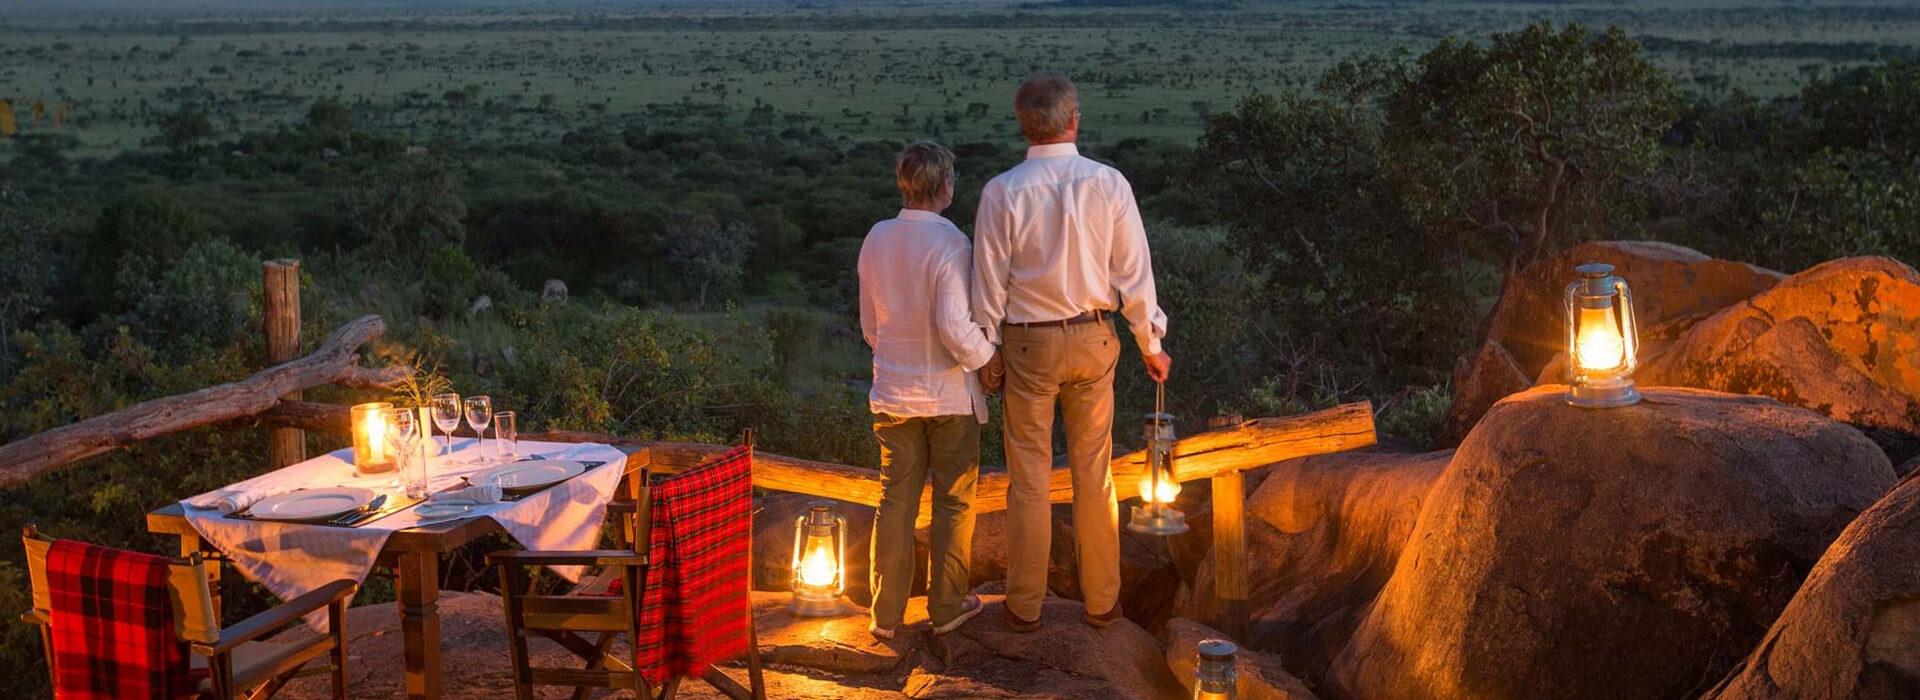 8 Days Tanzania Luxury Safari